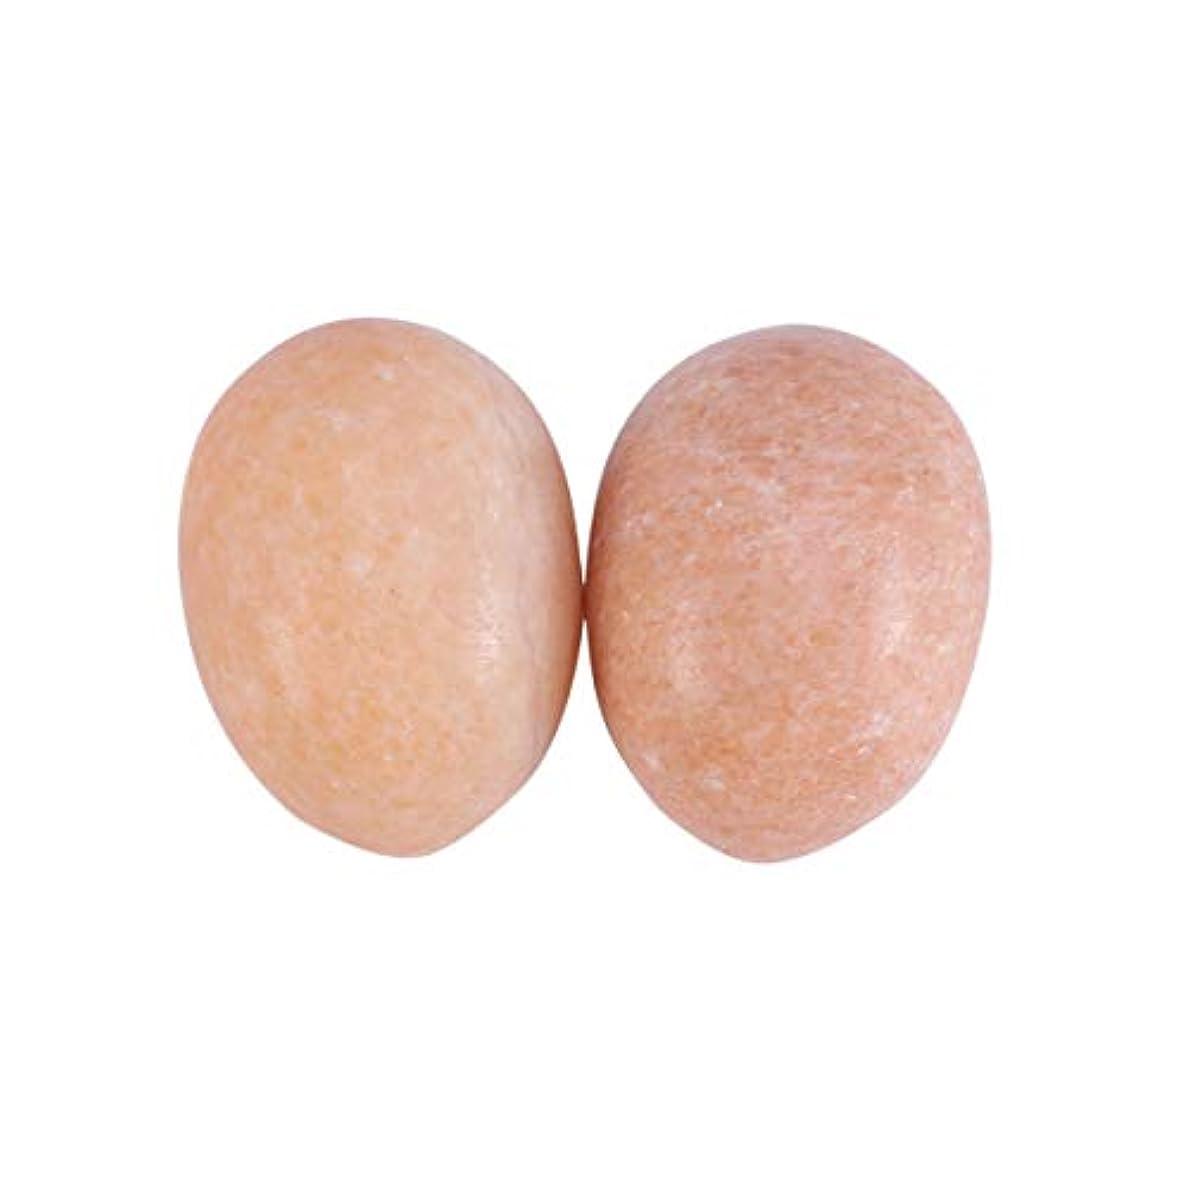 フルートアパート視聴者Healifty 妊娠中の女性のためのマッサージボール6個玉ヨニ卵骨盤底筋マッサージ運動膣締め付けボールヘルスケア(サンセットレッド)